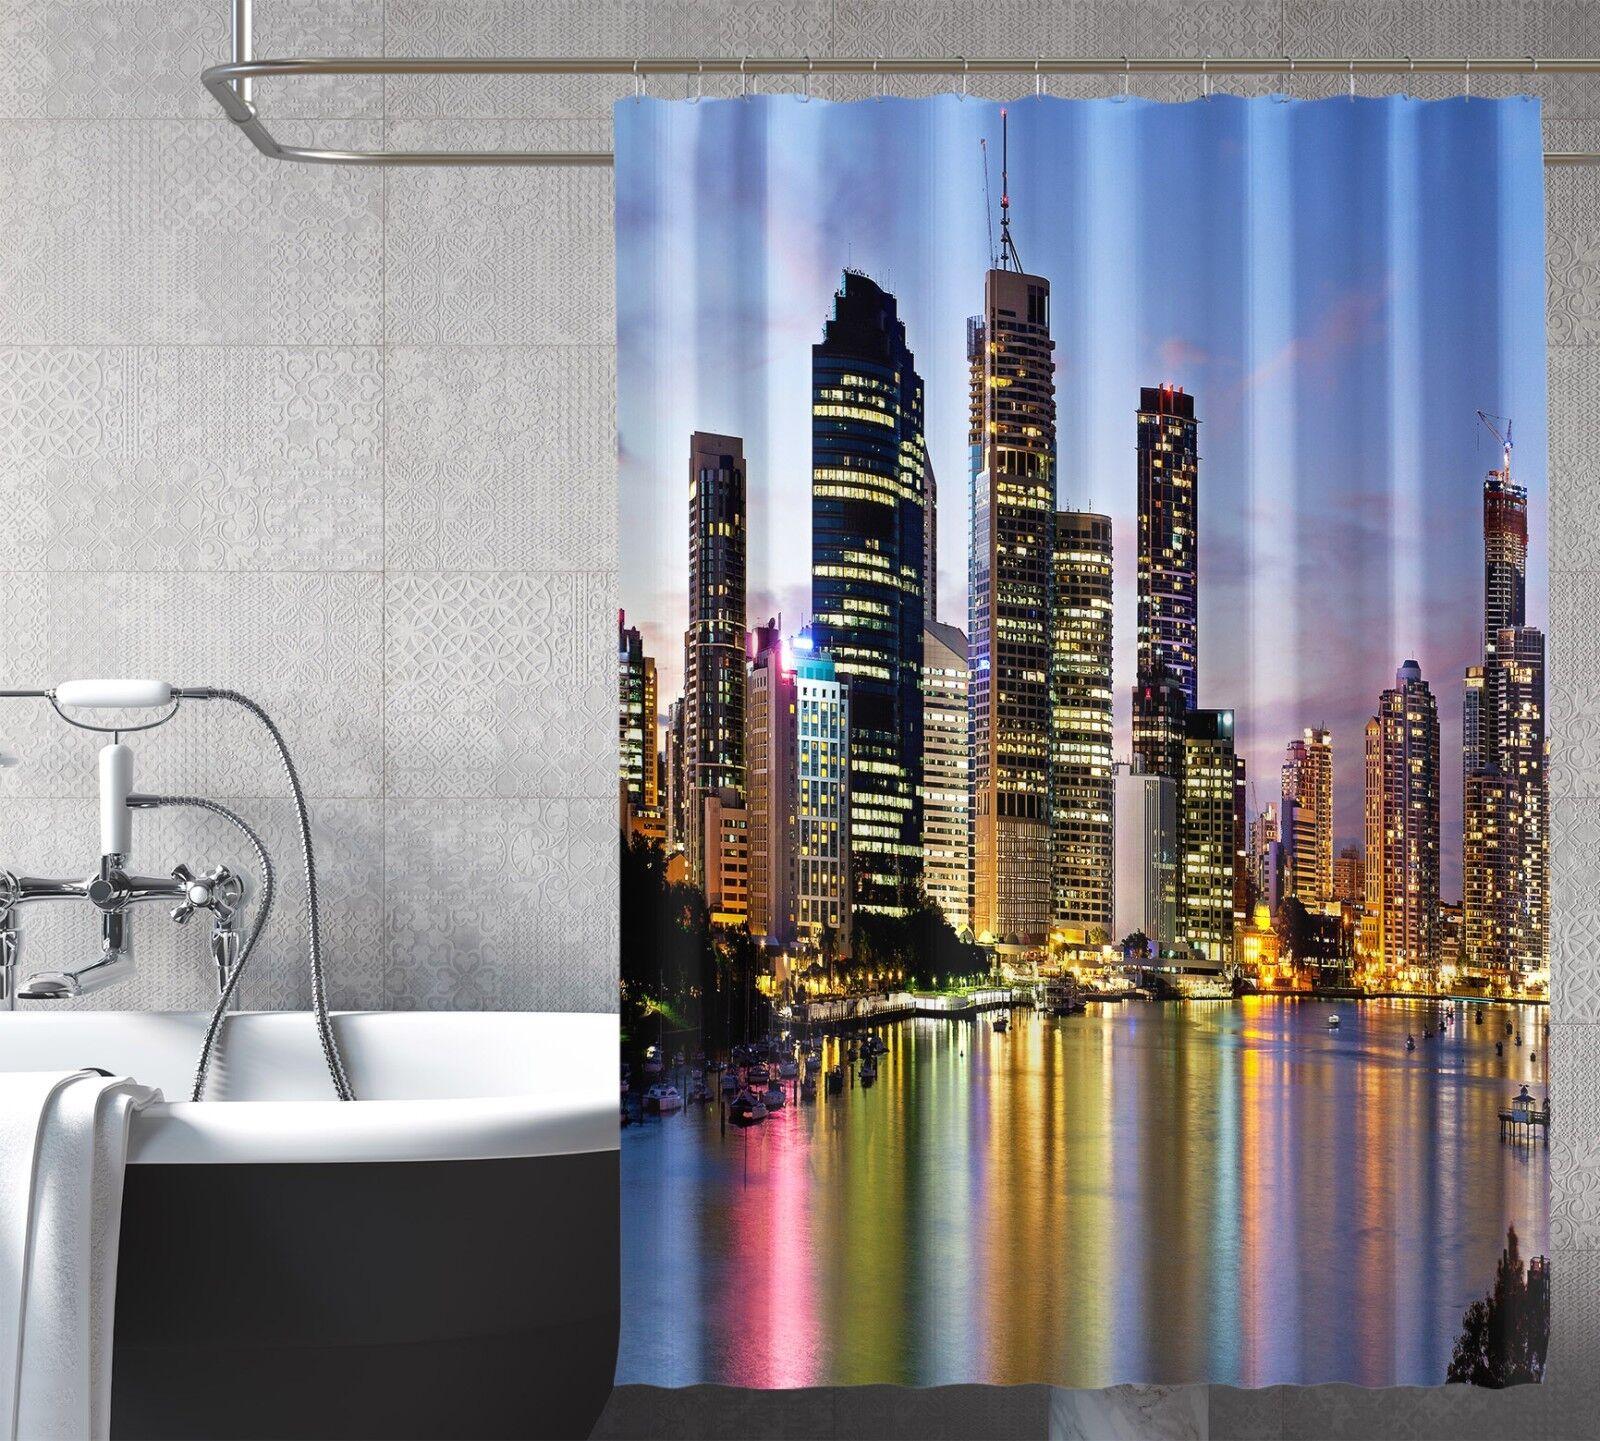 3D Nacht Stadt 32 Duschvorhang Wasserdicht Wasserdicht Wasserdicht Faser Bad Daheim Windows Toilette DE   Marke  795439